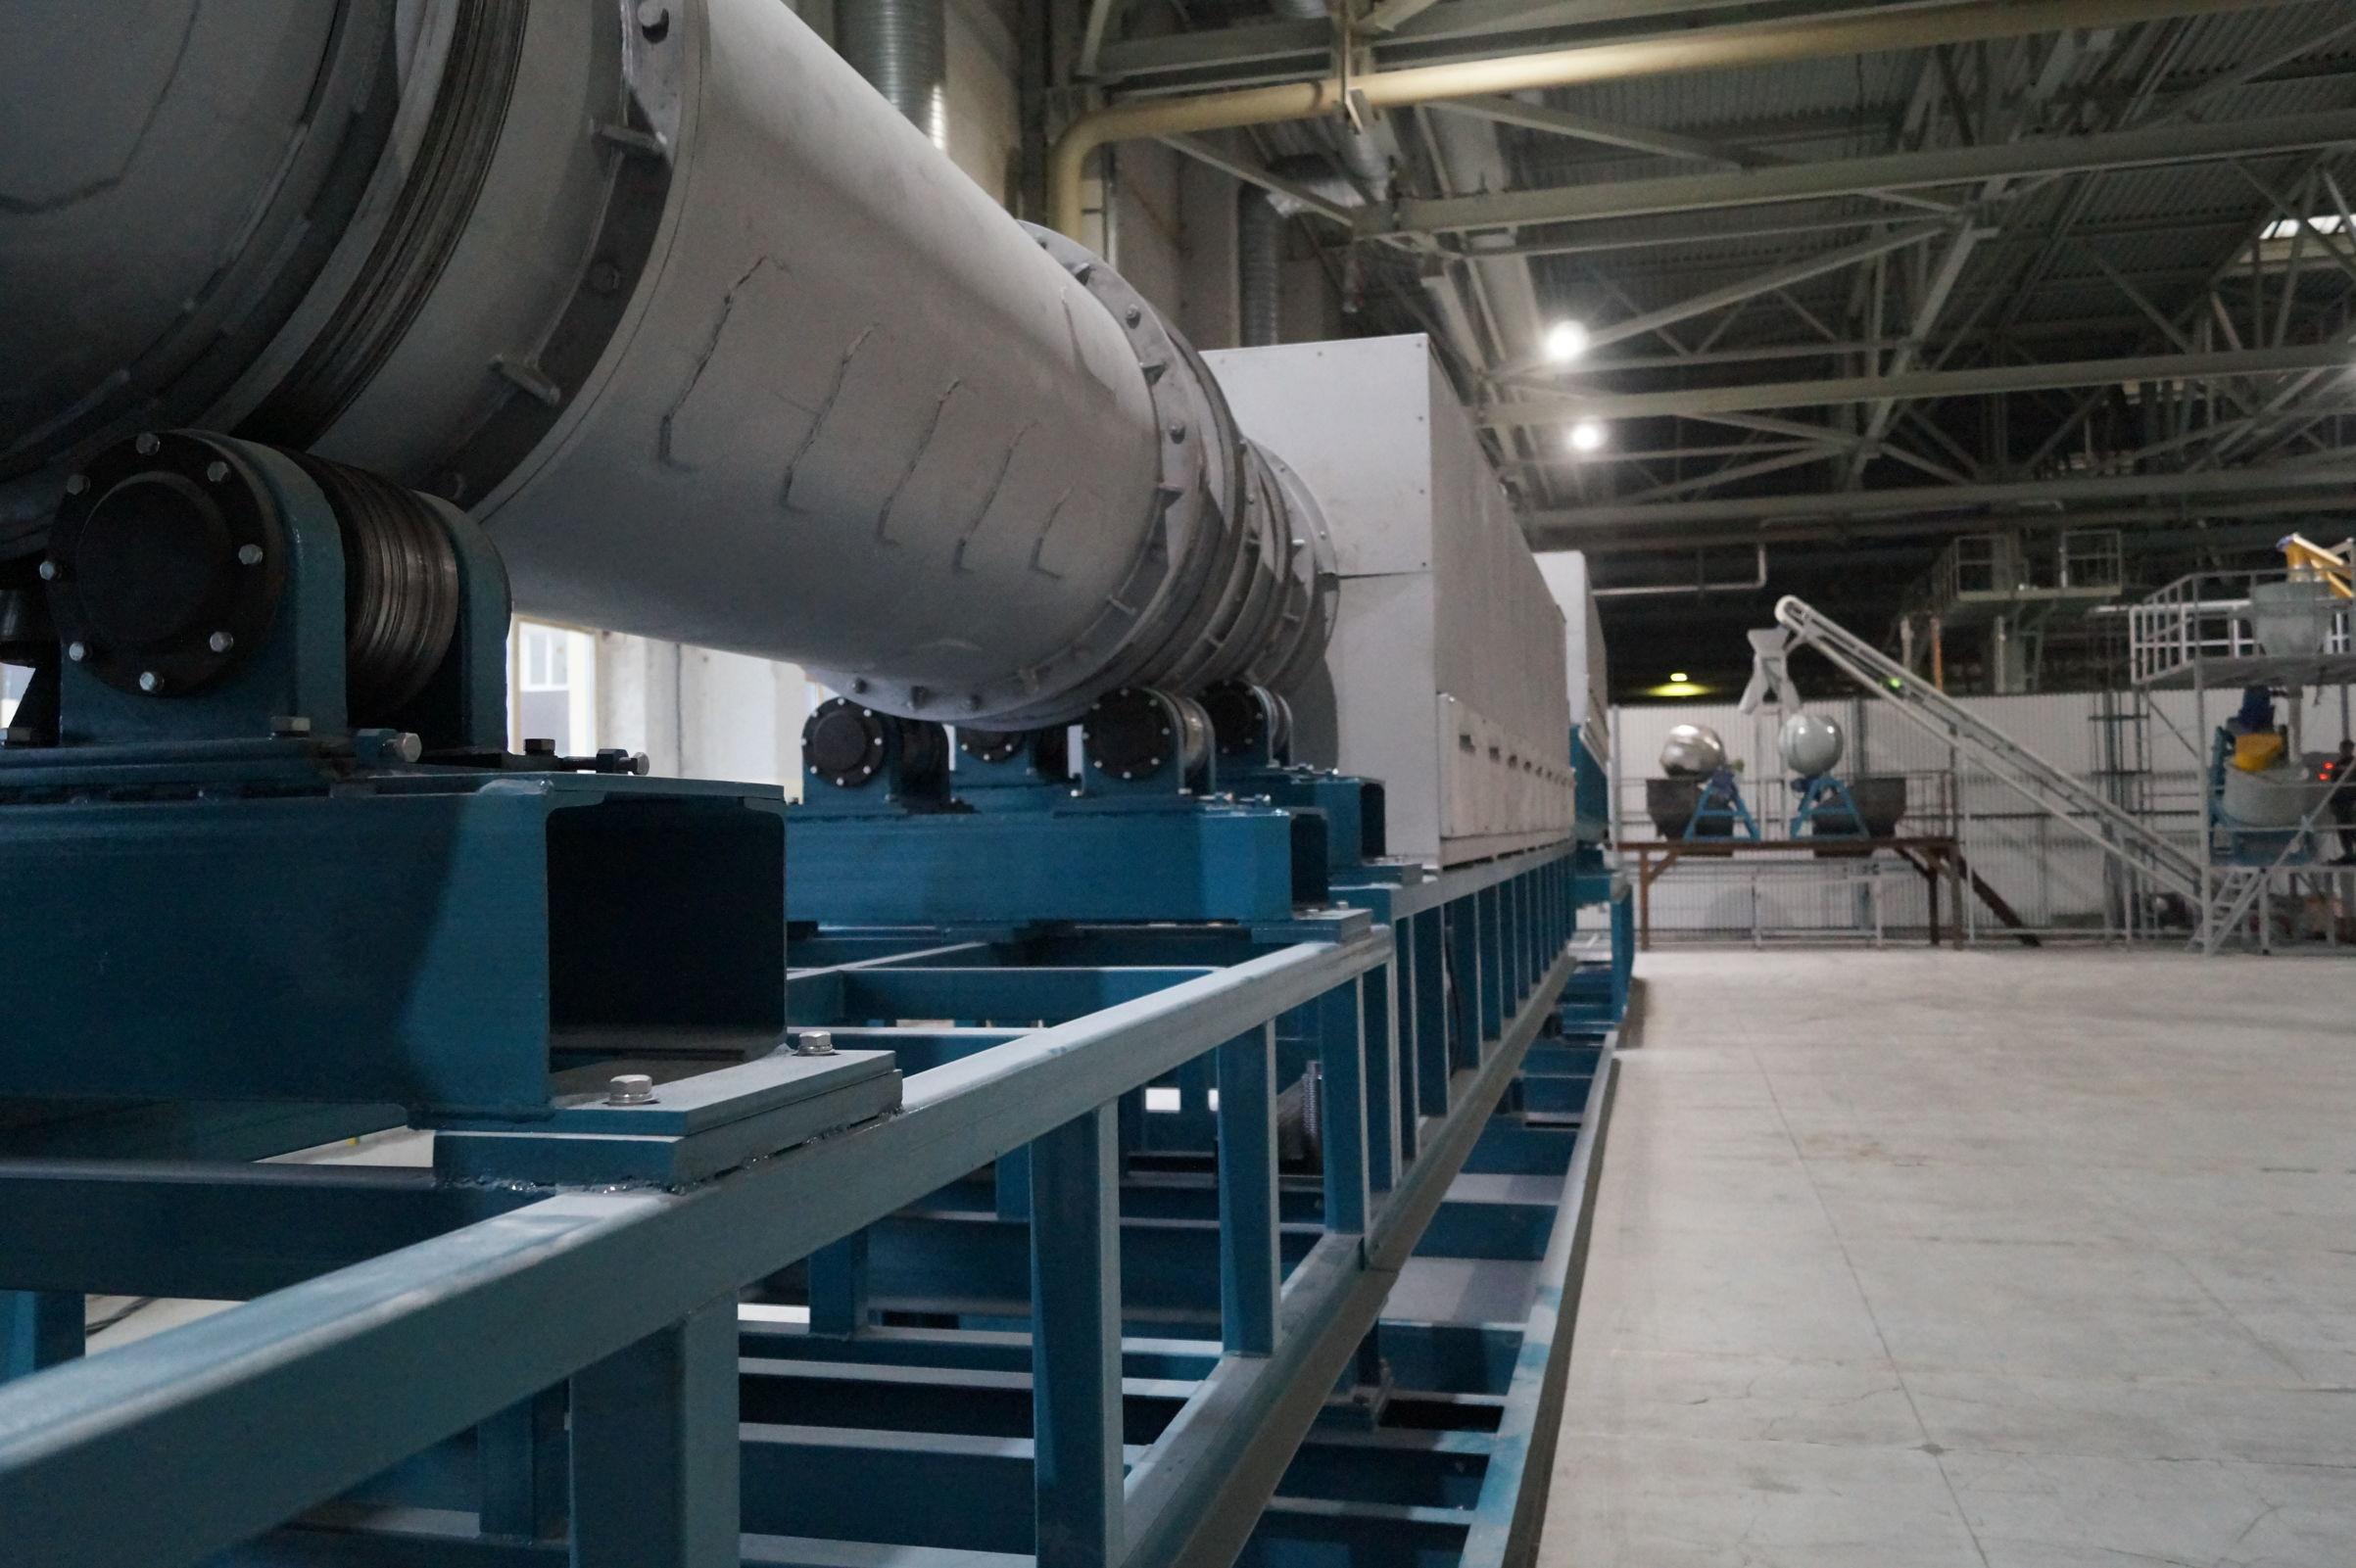 На территории опережающего развития «Тутаев» запущено производство влагопоглотителей для стеклопакетов